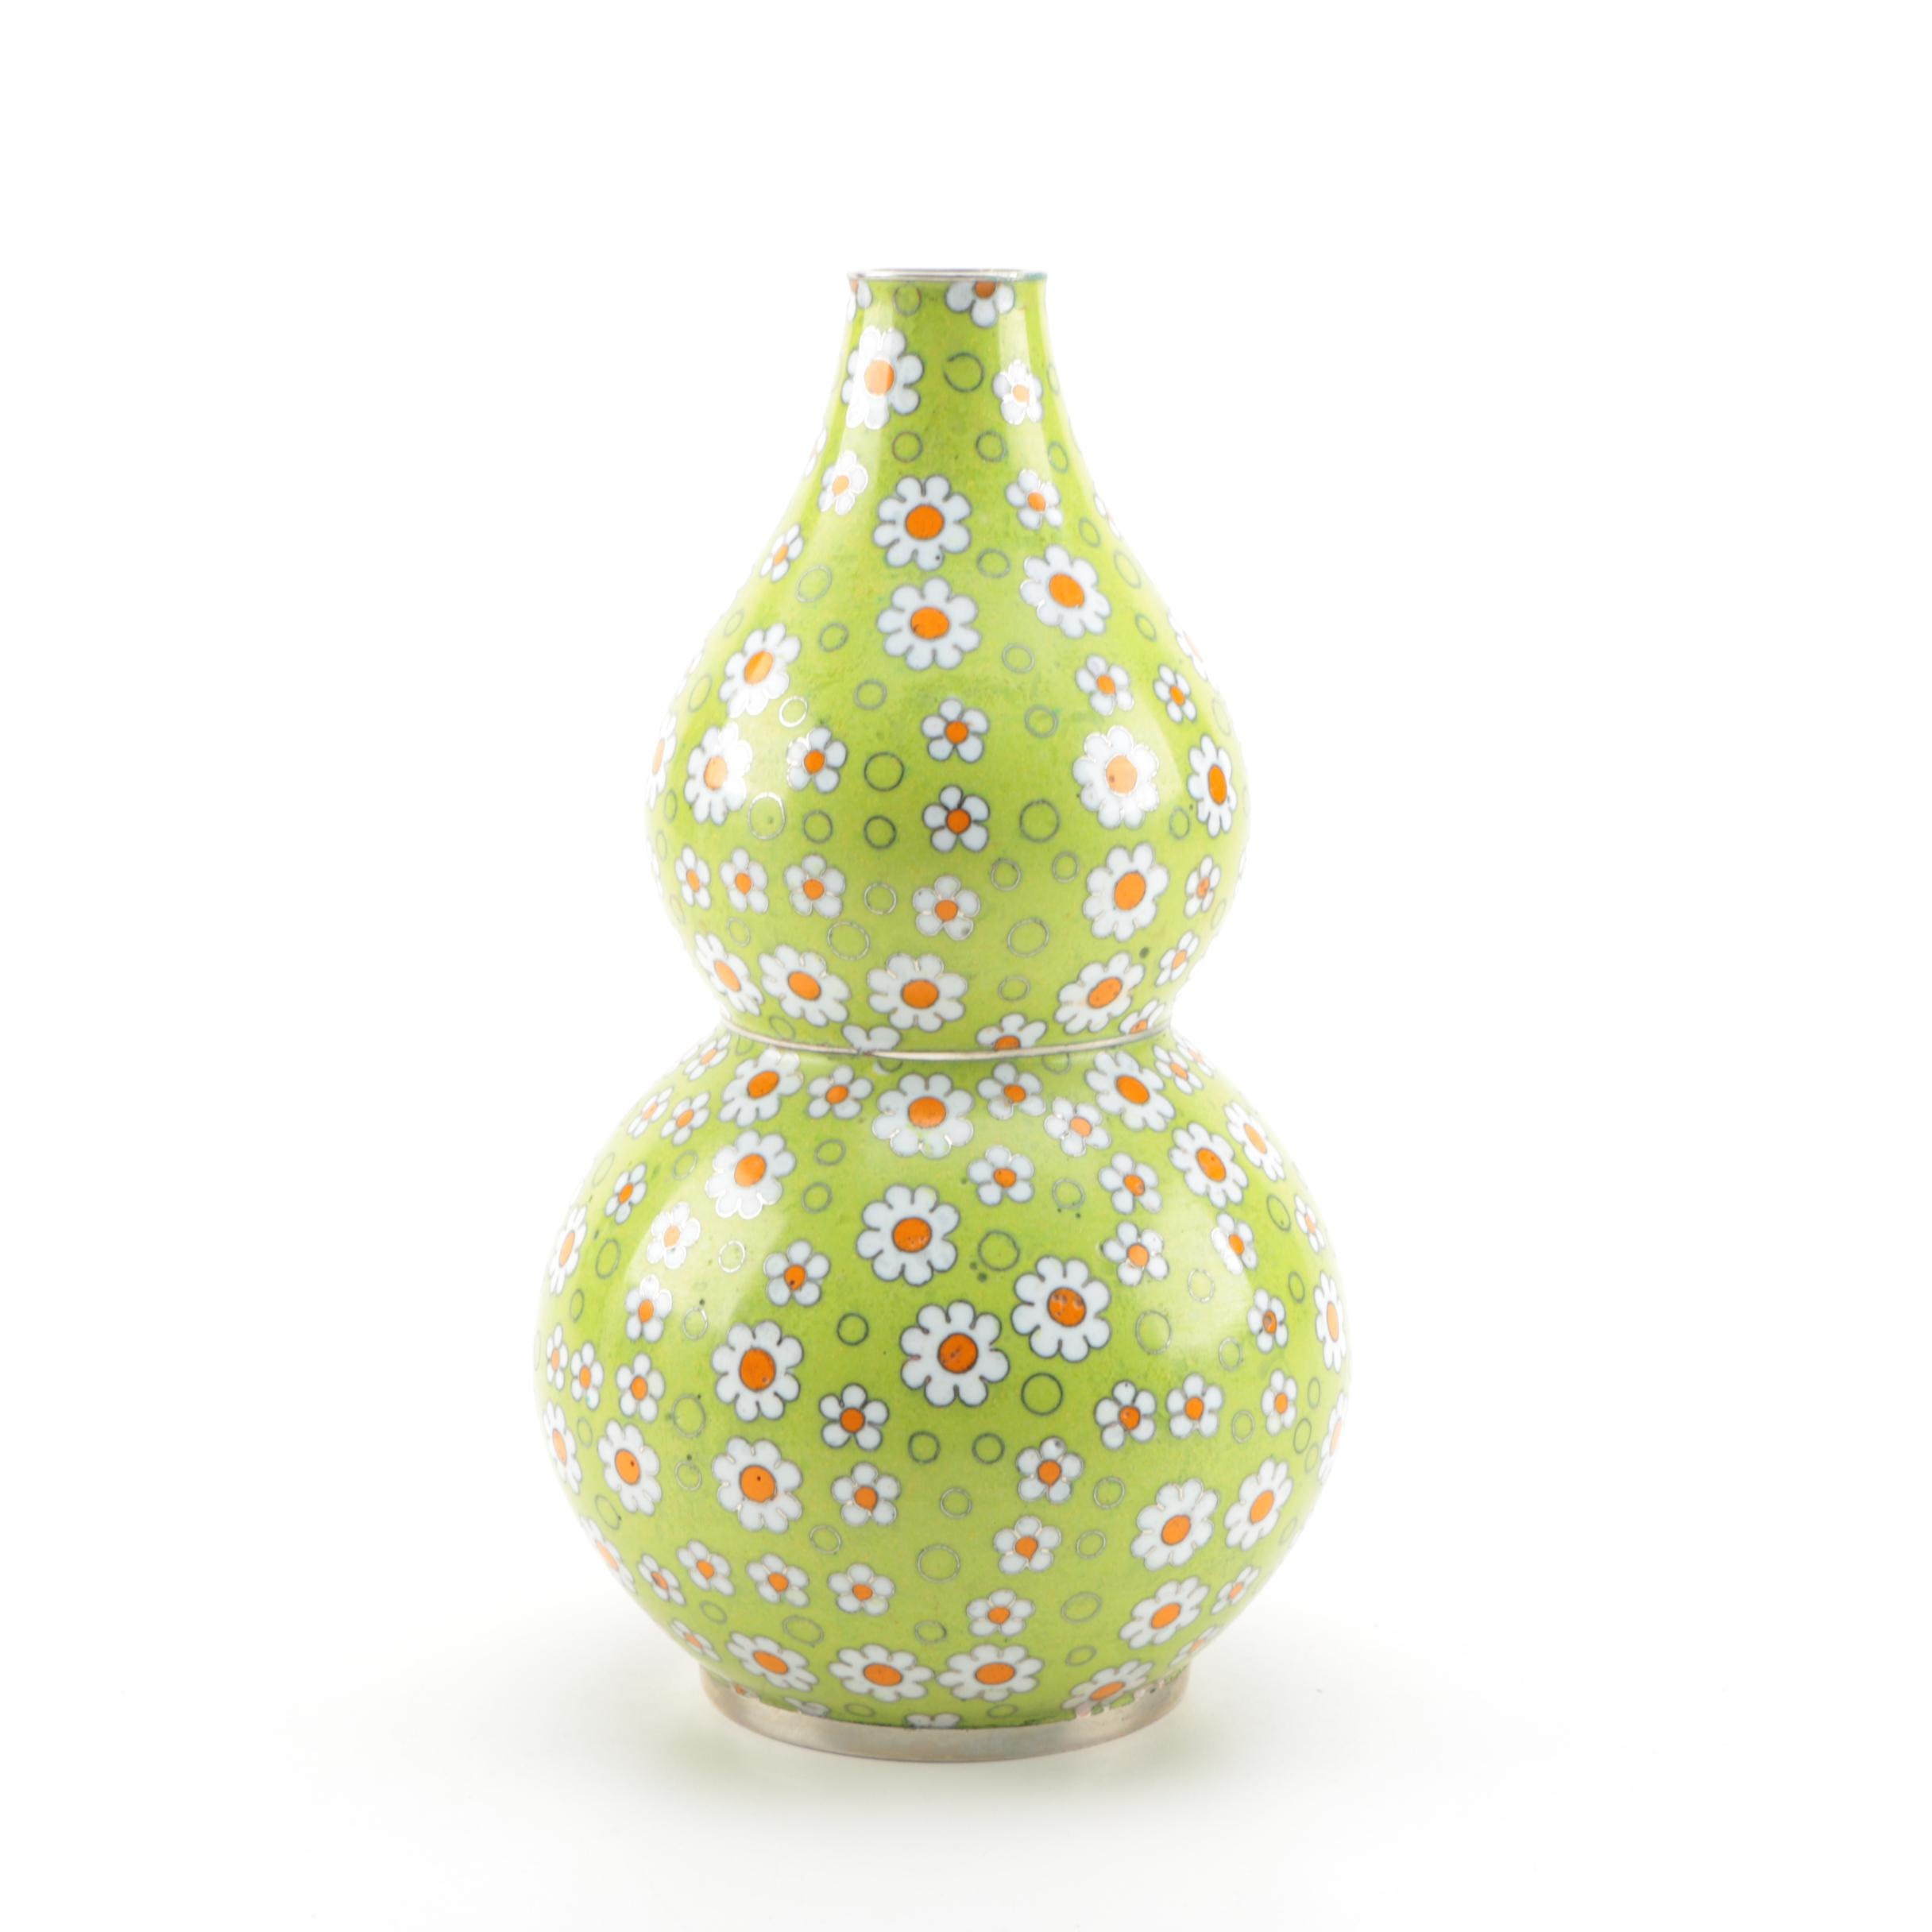 Cloisonné Double Gourd Daisy Pattern Vase